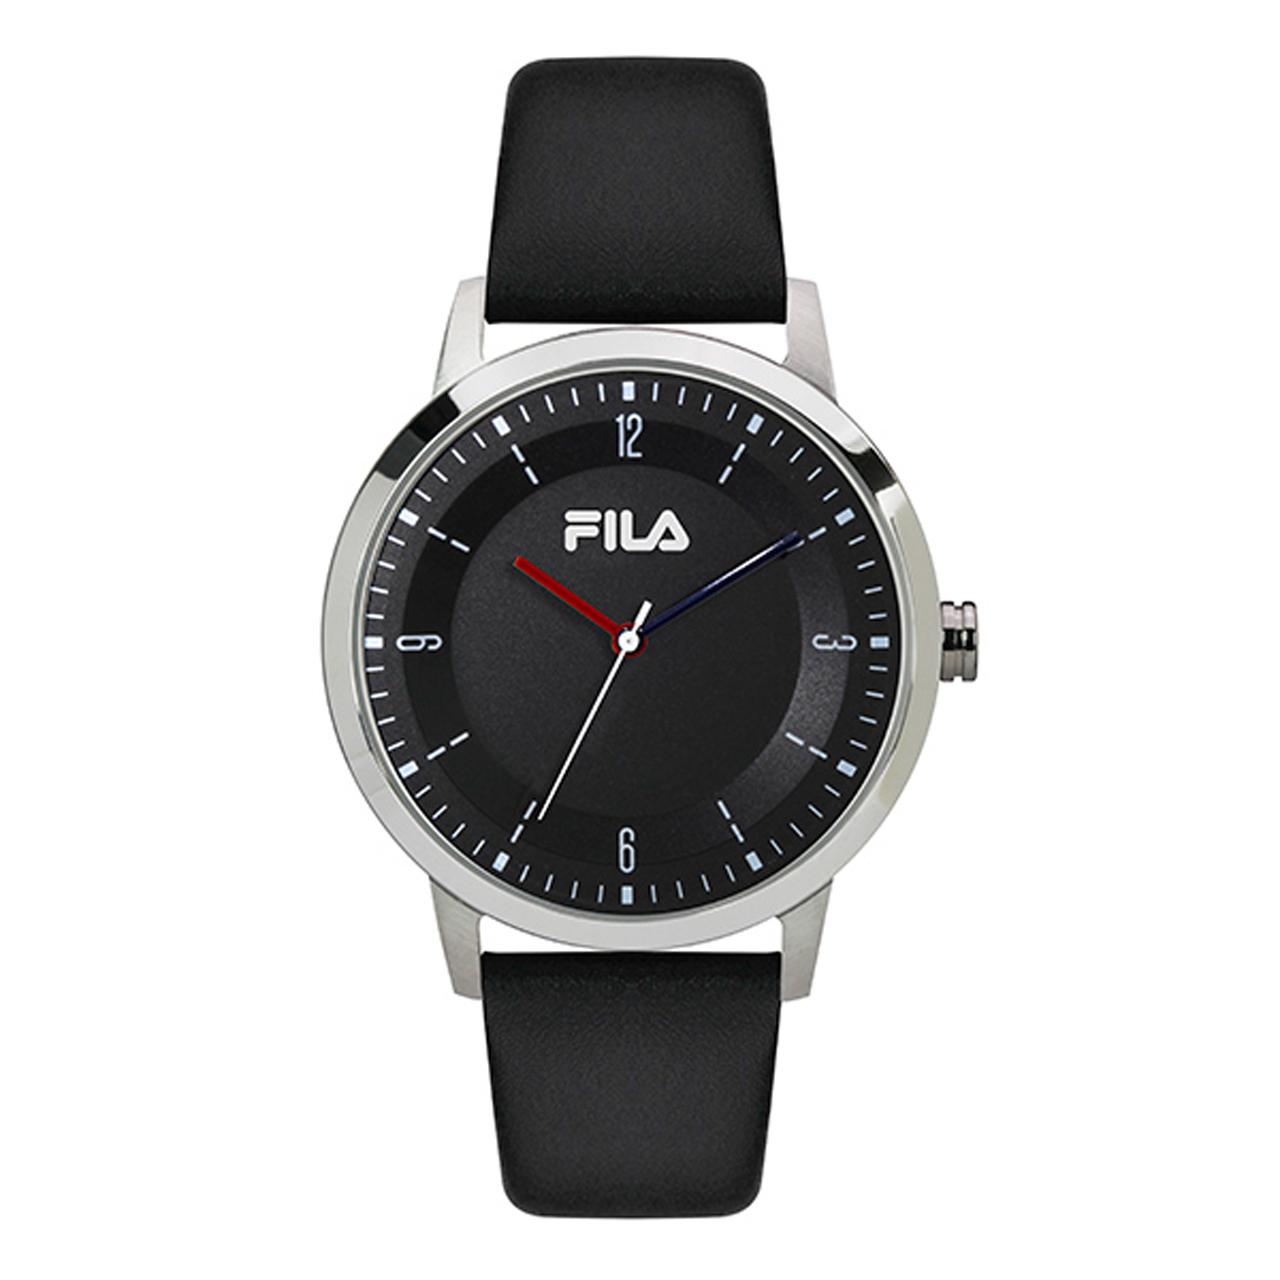 ساعت مچی عقربه ای فیلا مدل 38-153-001 28